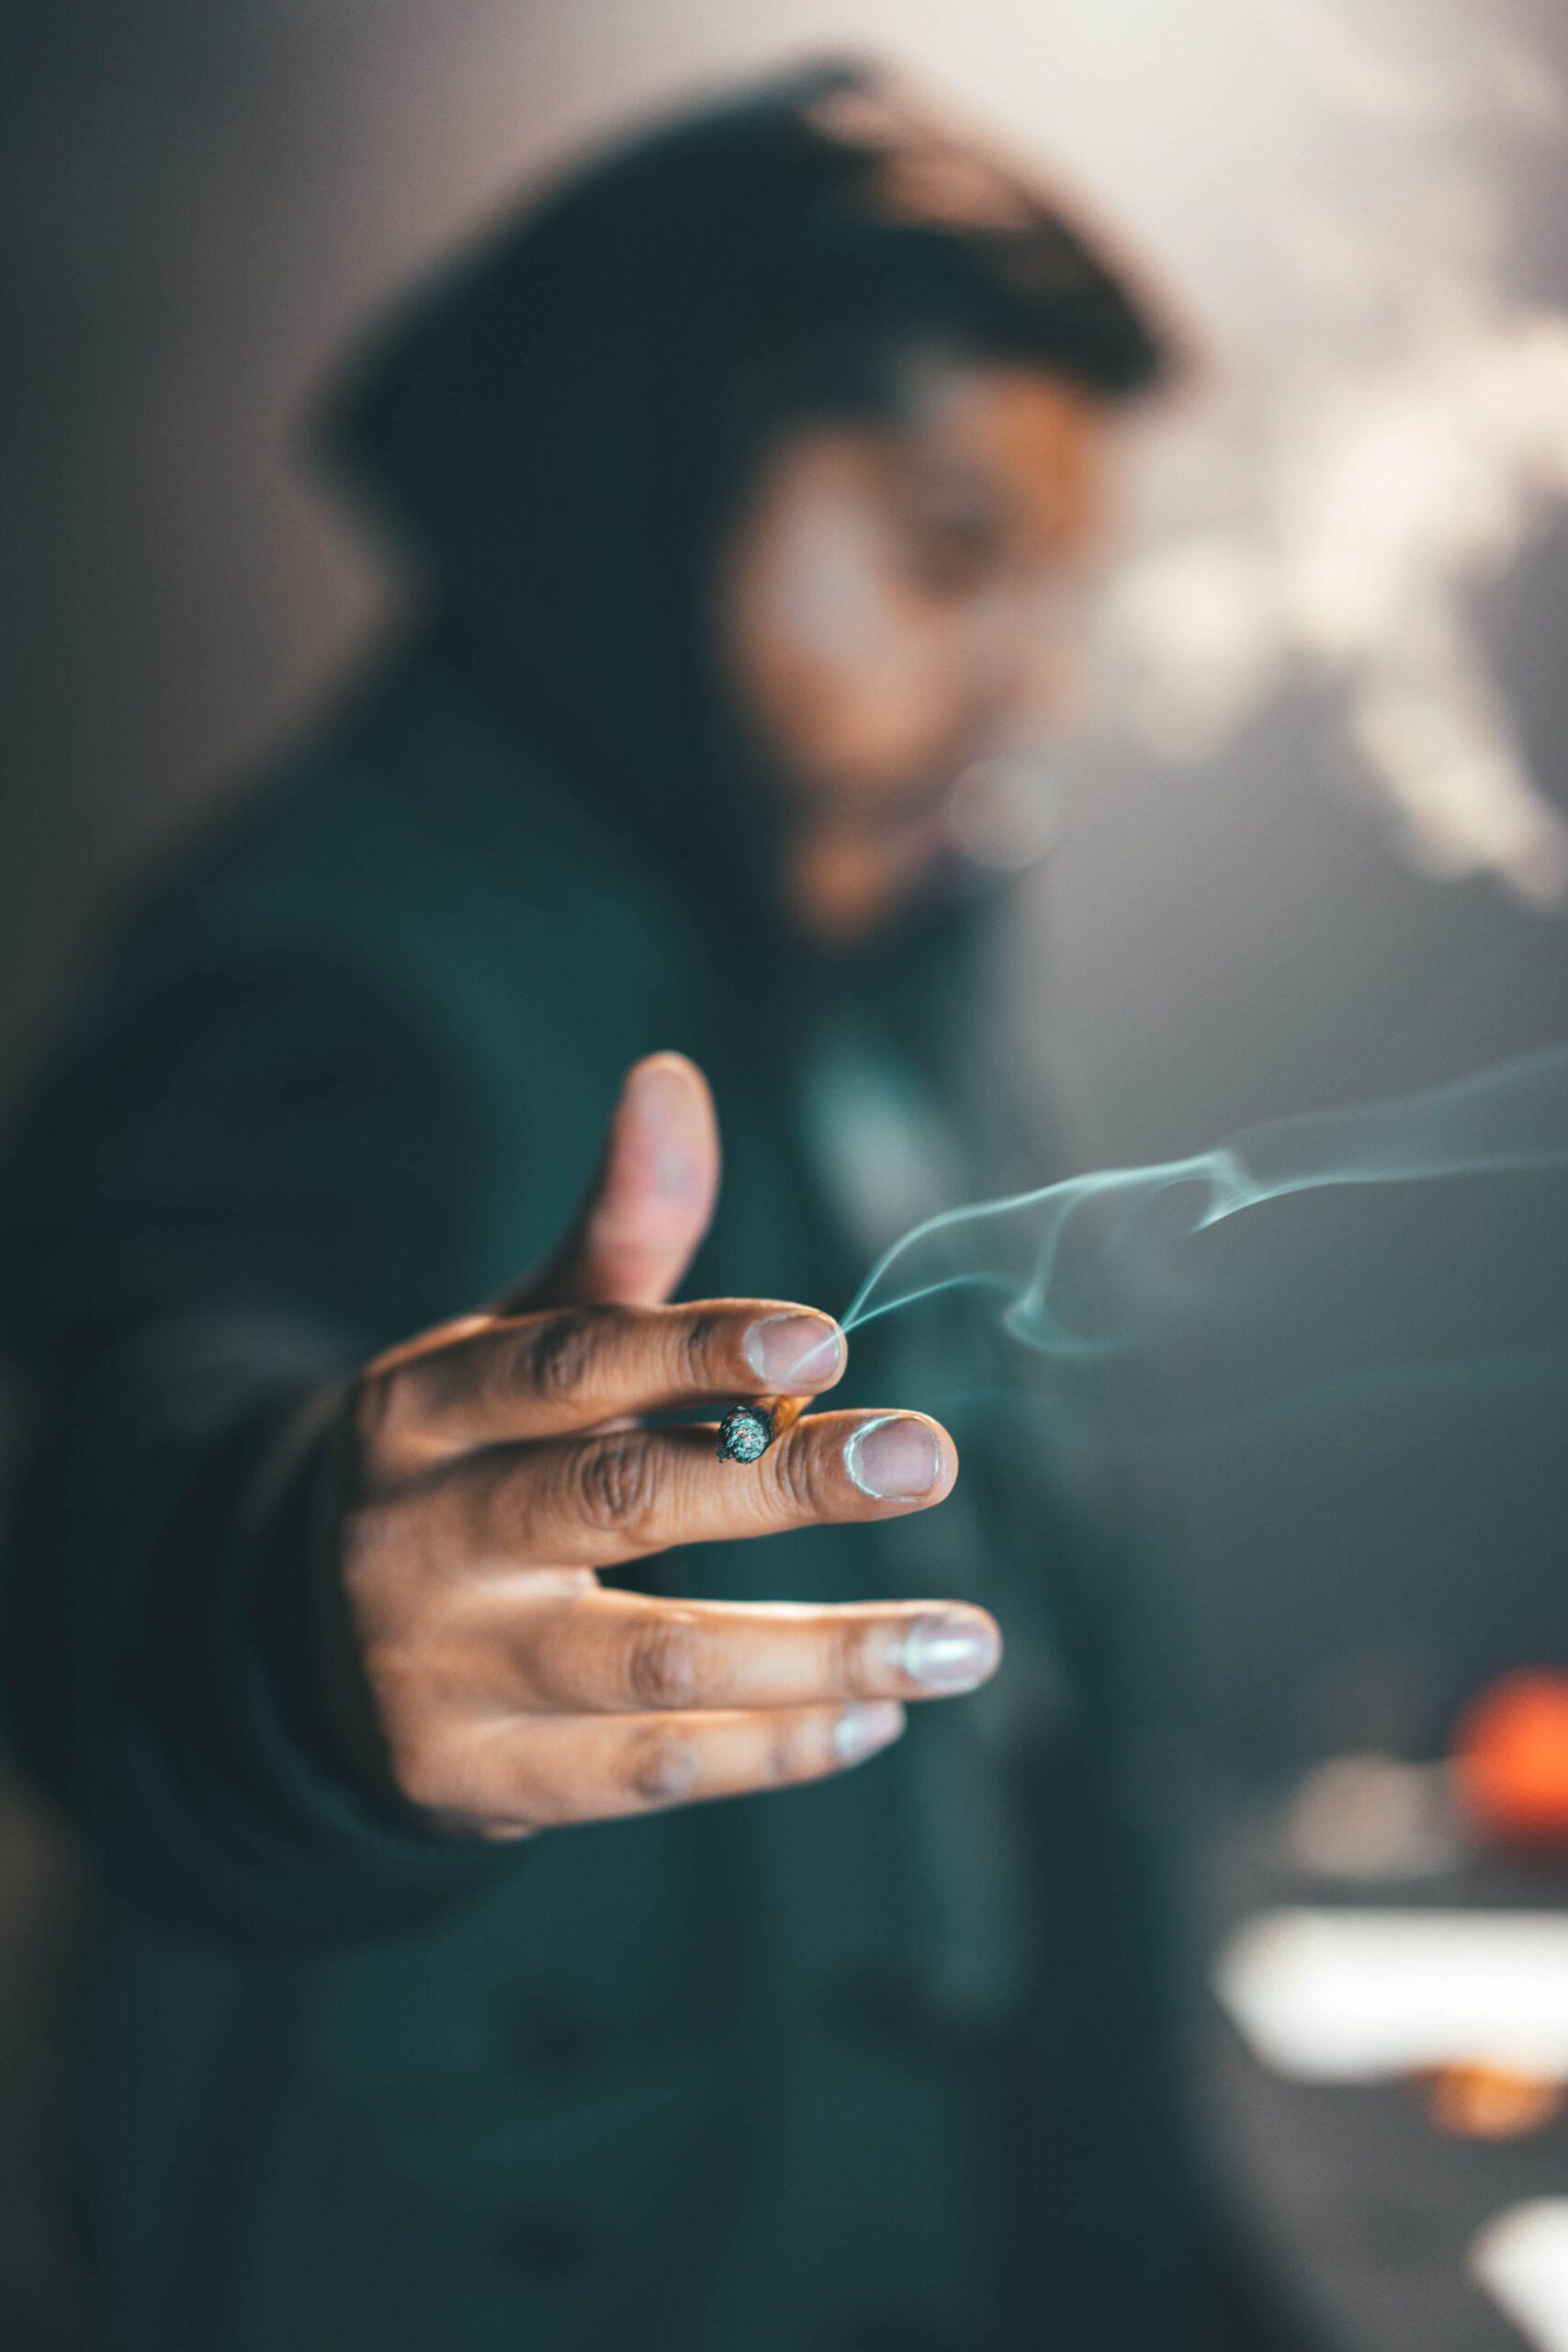 курения влияет на рост бороды